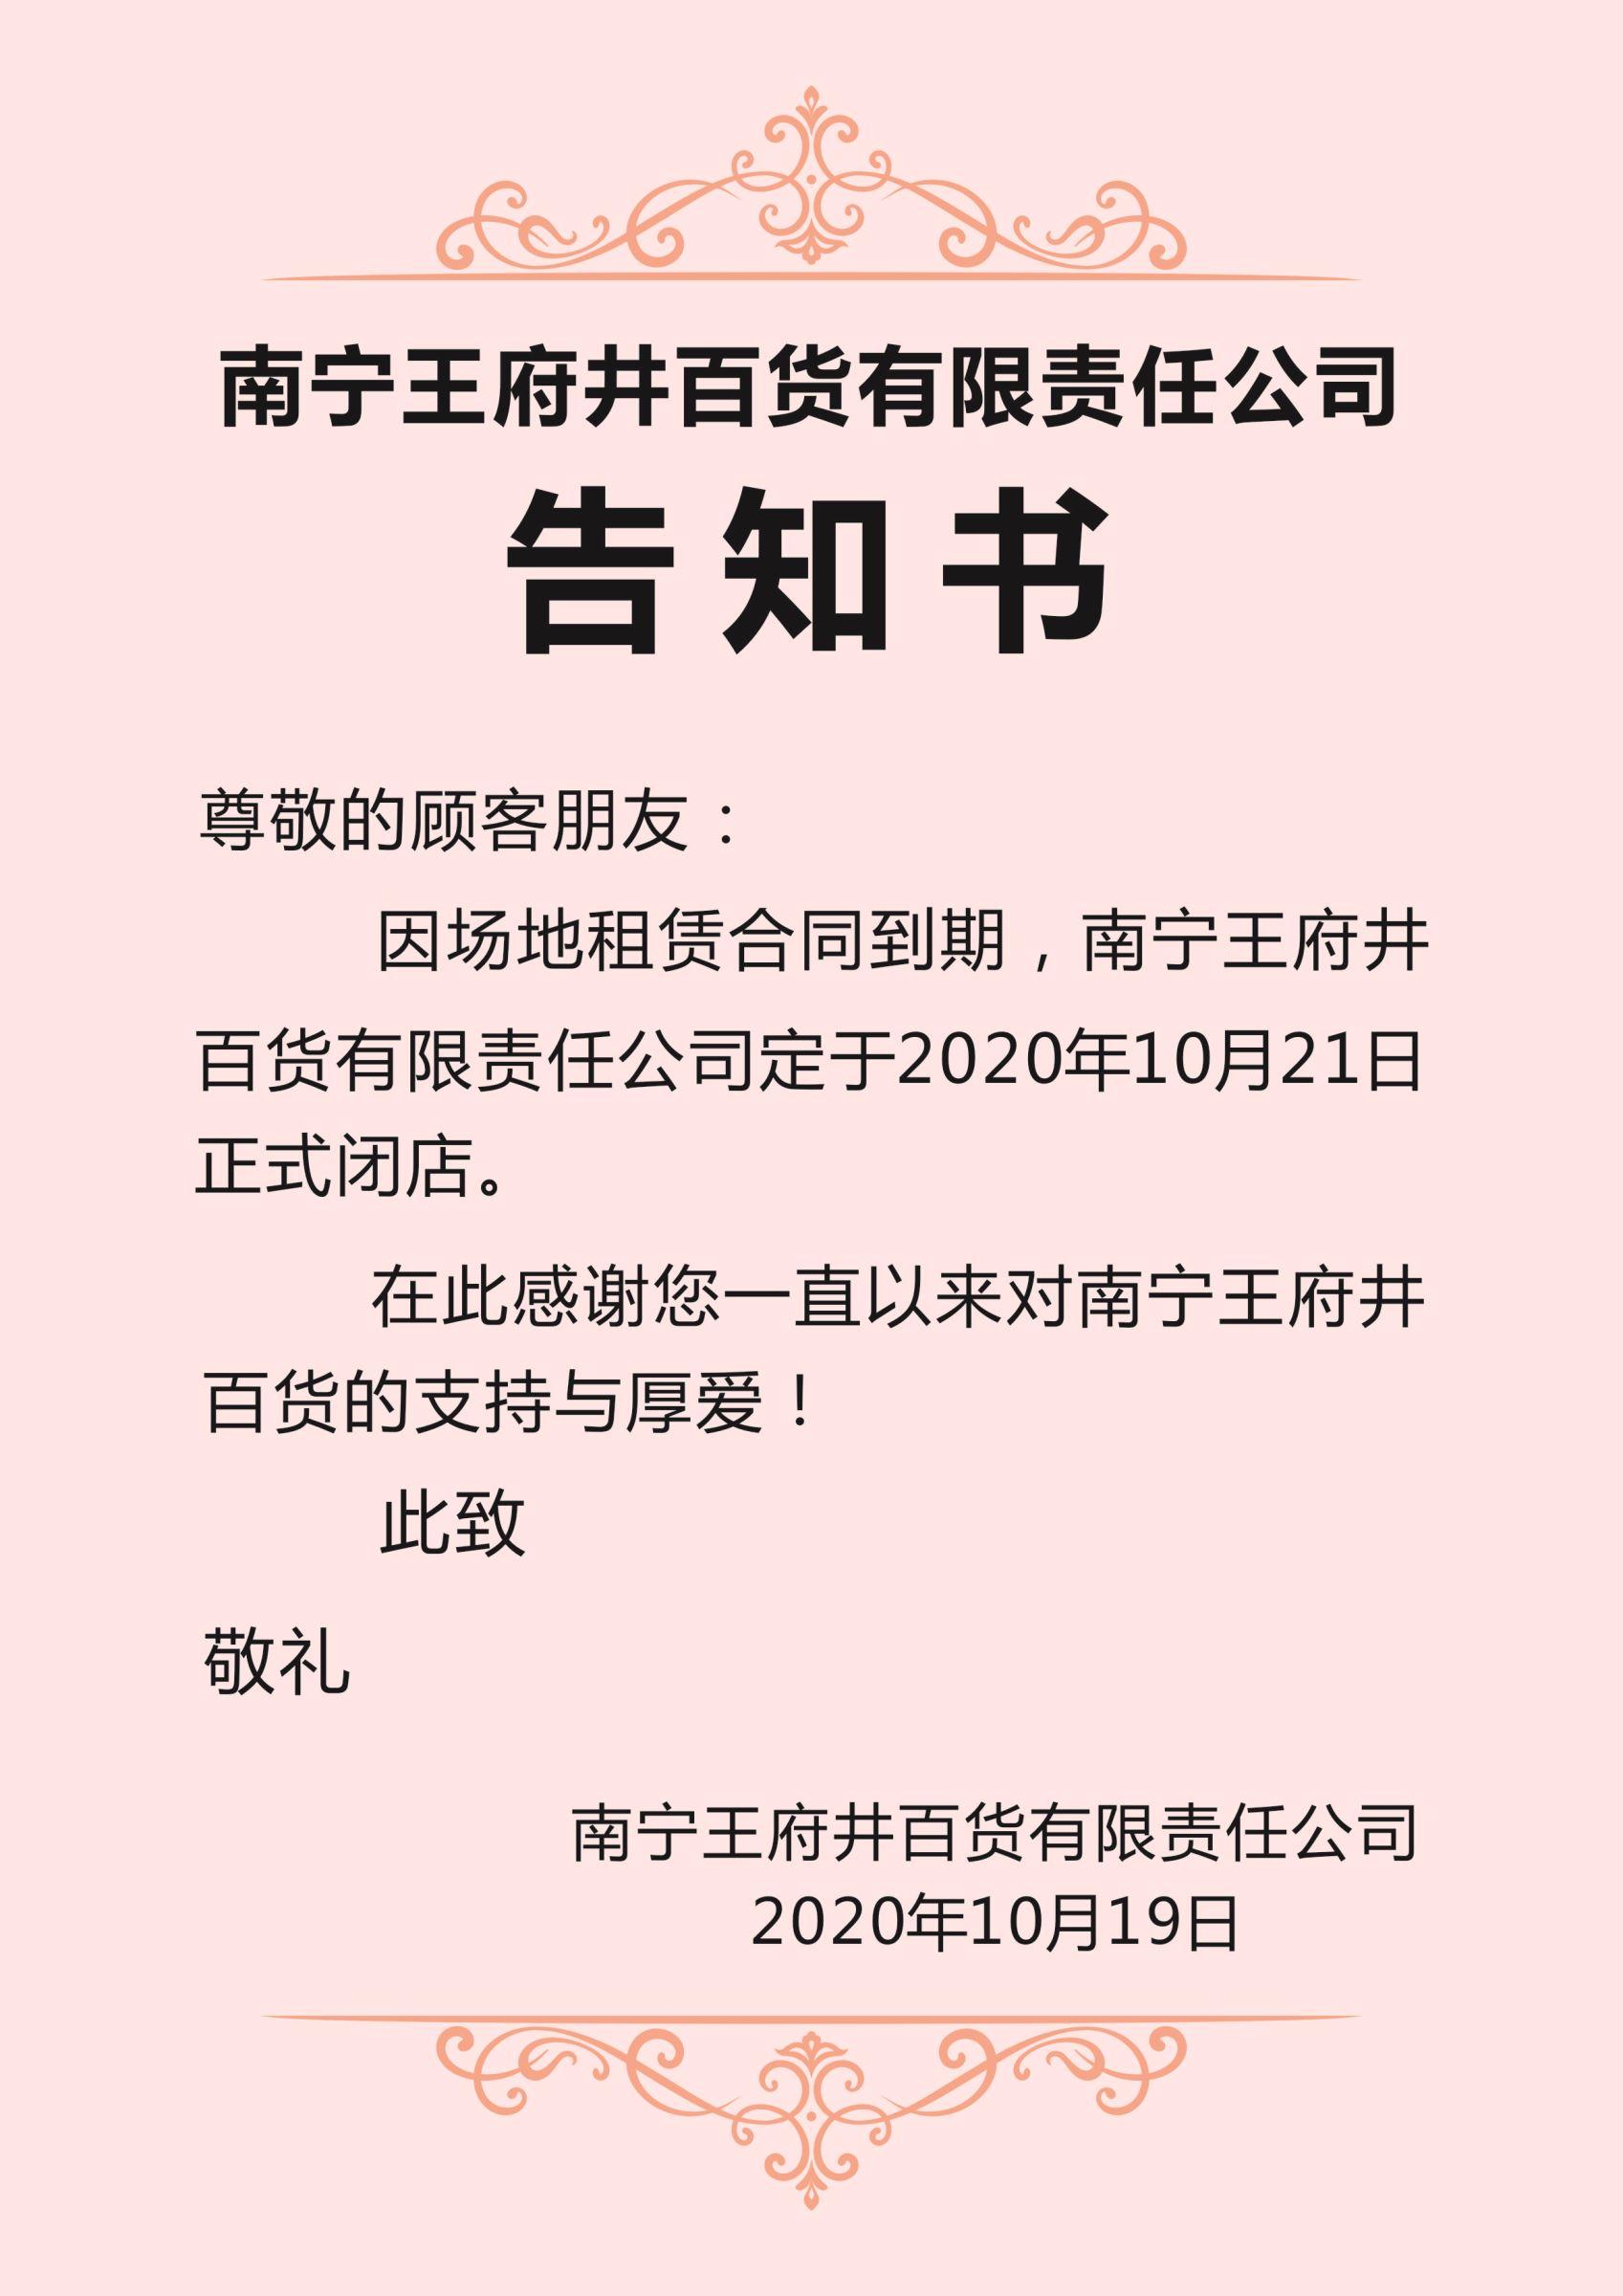 南宁王府井奥莱10月21日闭店 原因是场地租赁合同到期